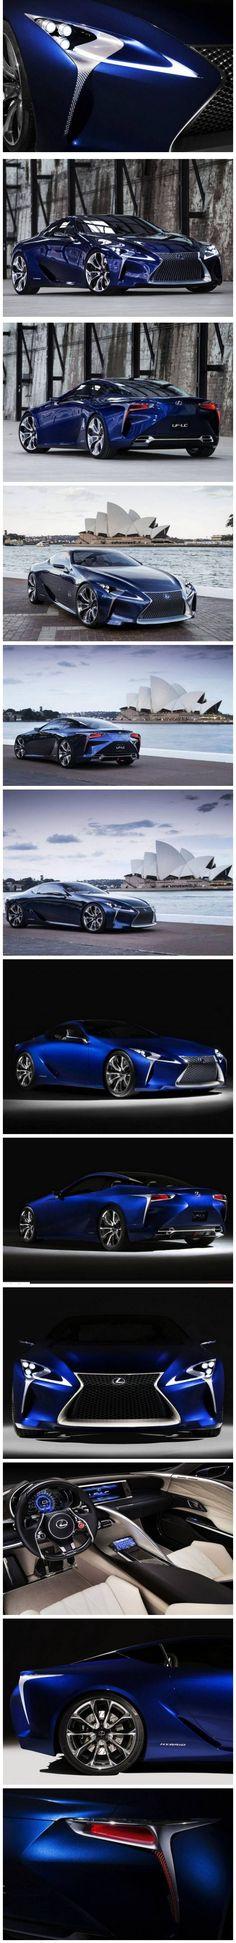 The Lexus LF-LC Blue Concept!